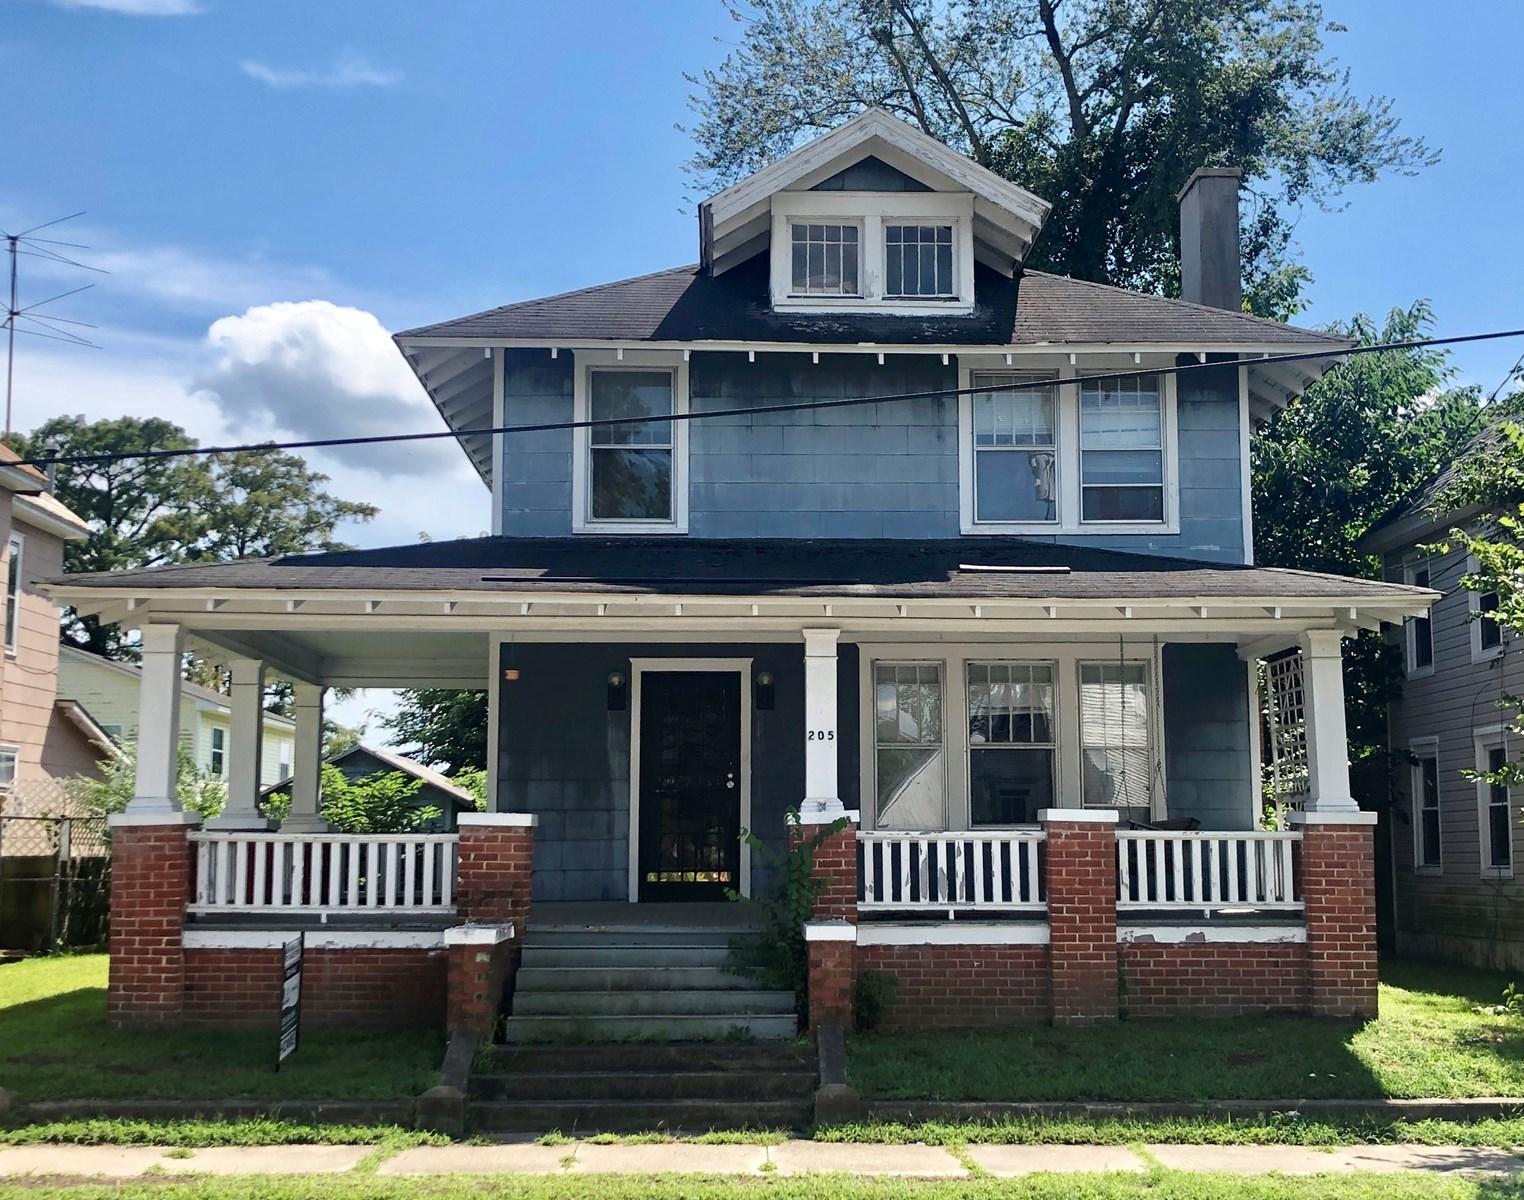 205 W. Burgess St